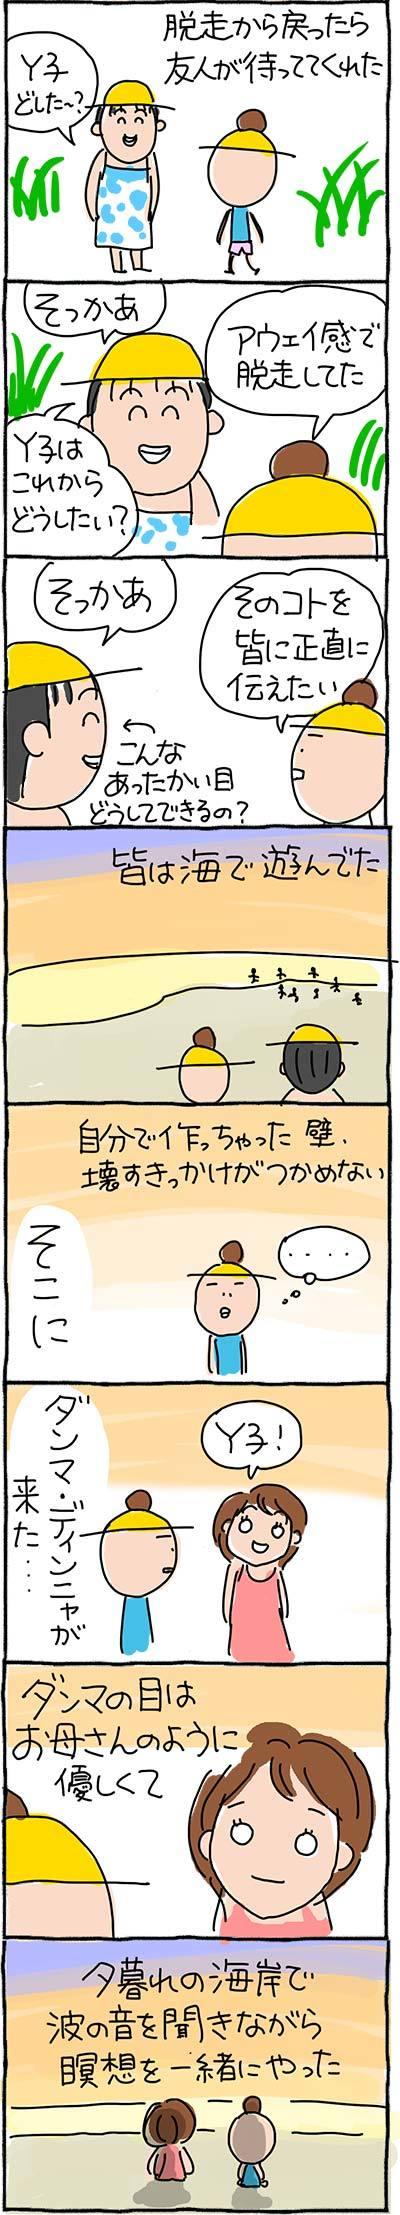 170808沖縄04